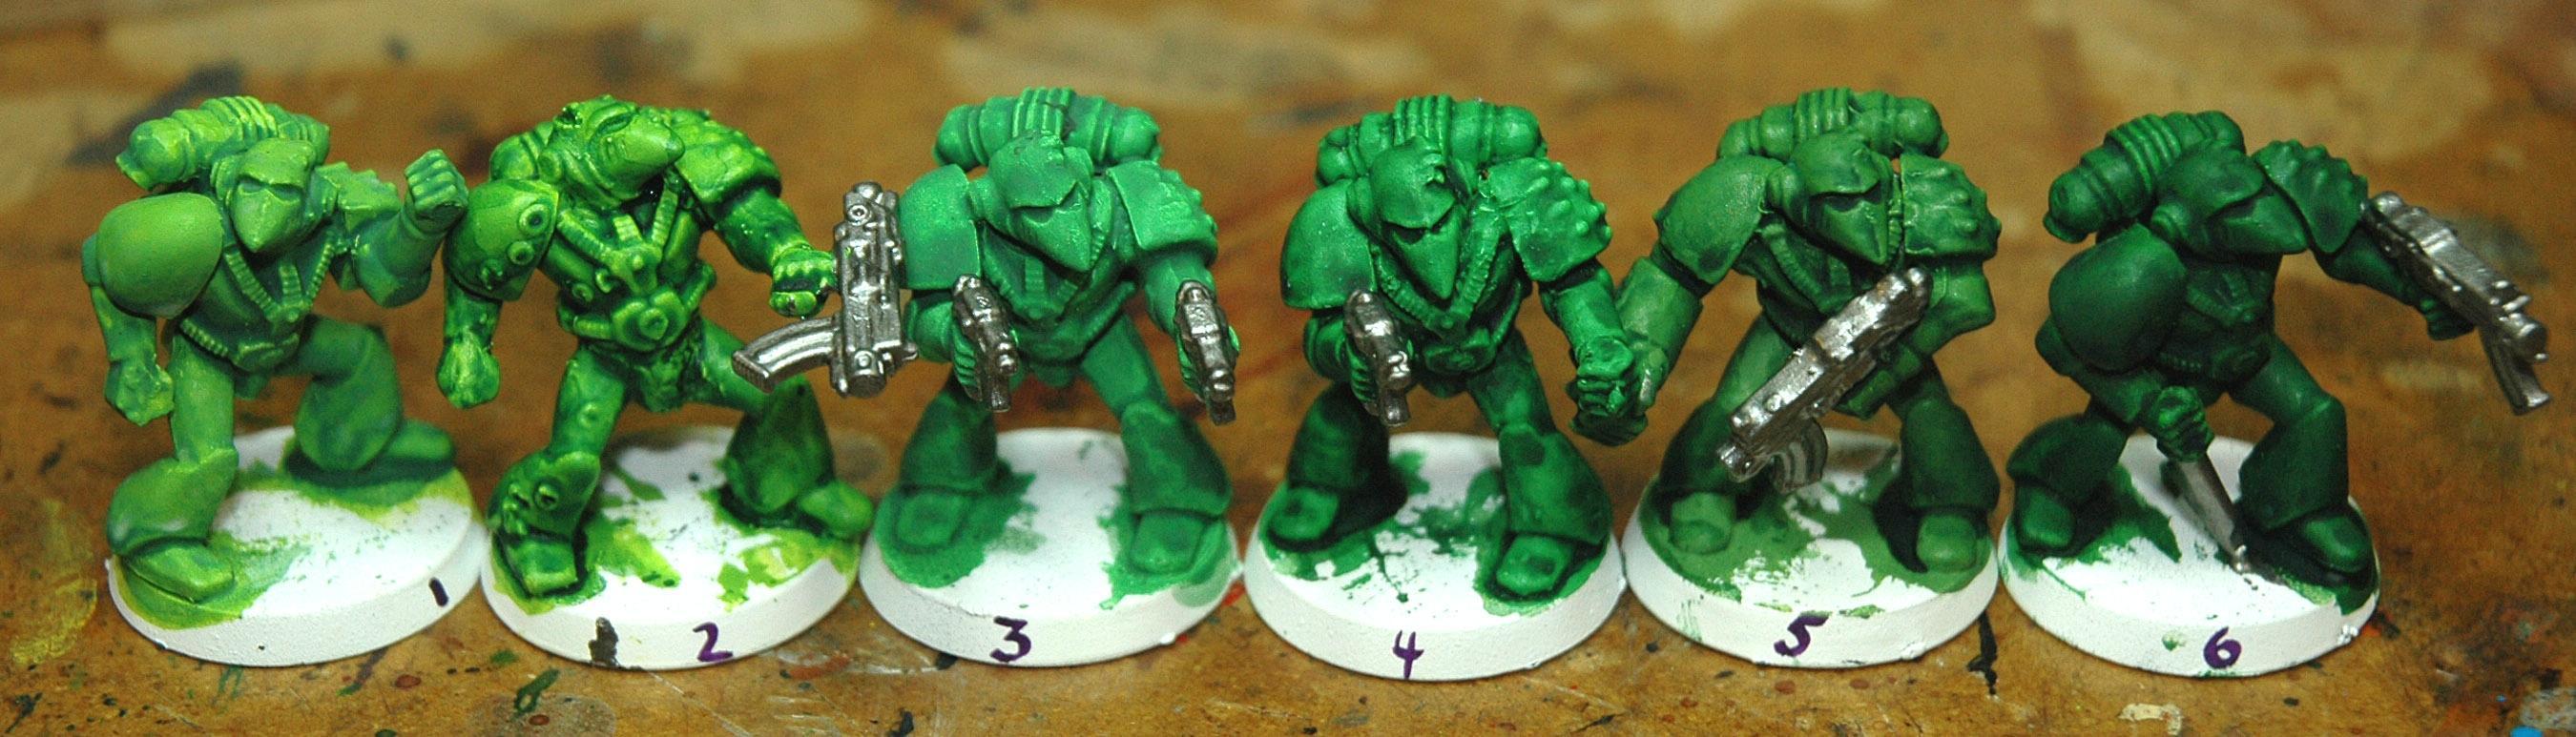 Mantis Warriors, Space Marines, Warhammer 40,000